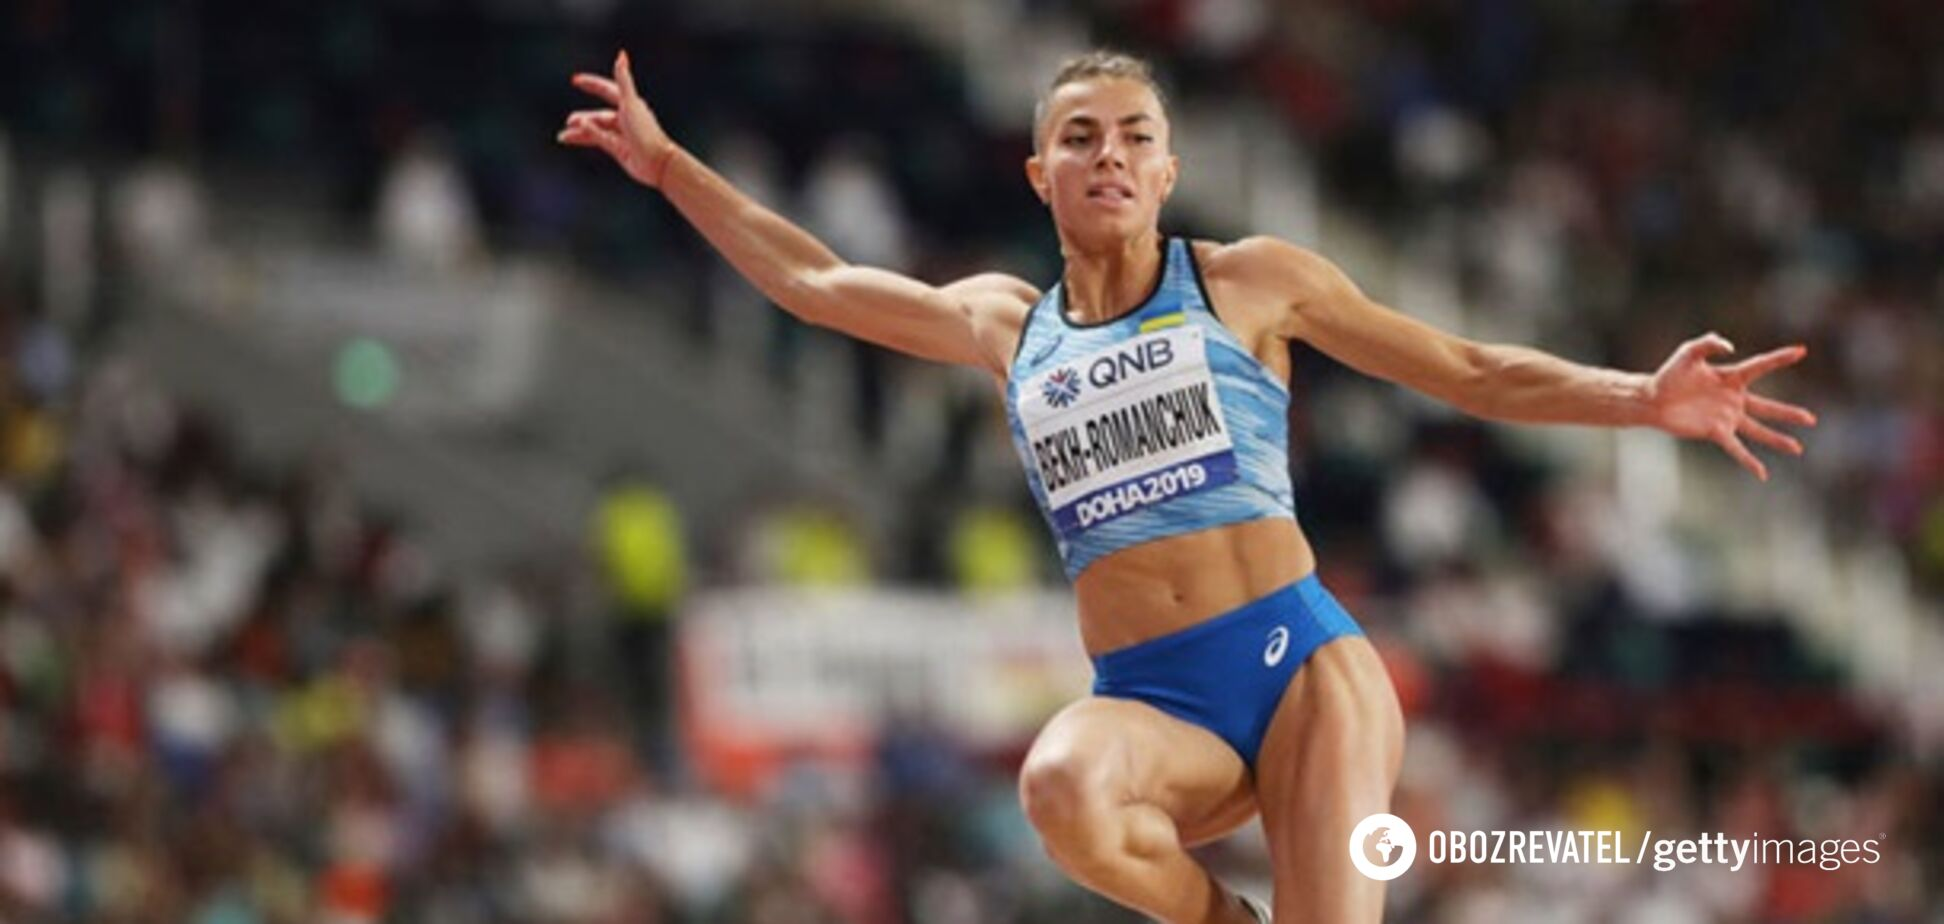 Неперевершена українка Бех стала чемпіонкою престижних змагань з легкої атлетики